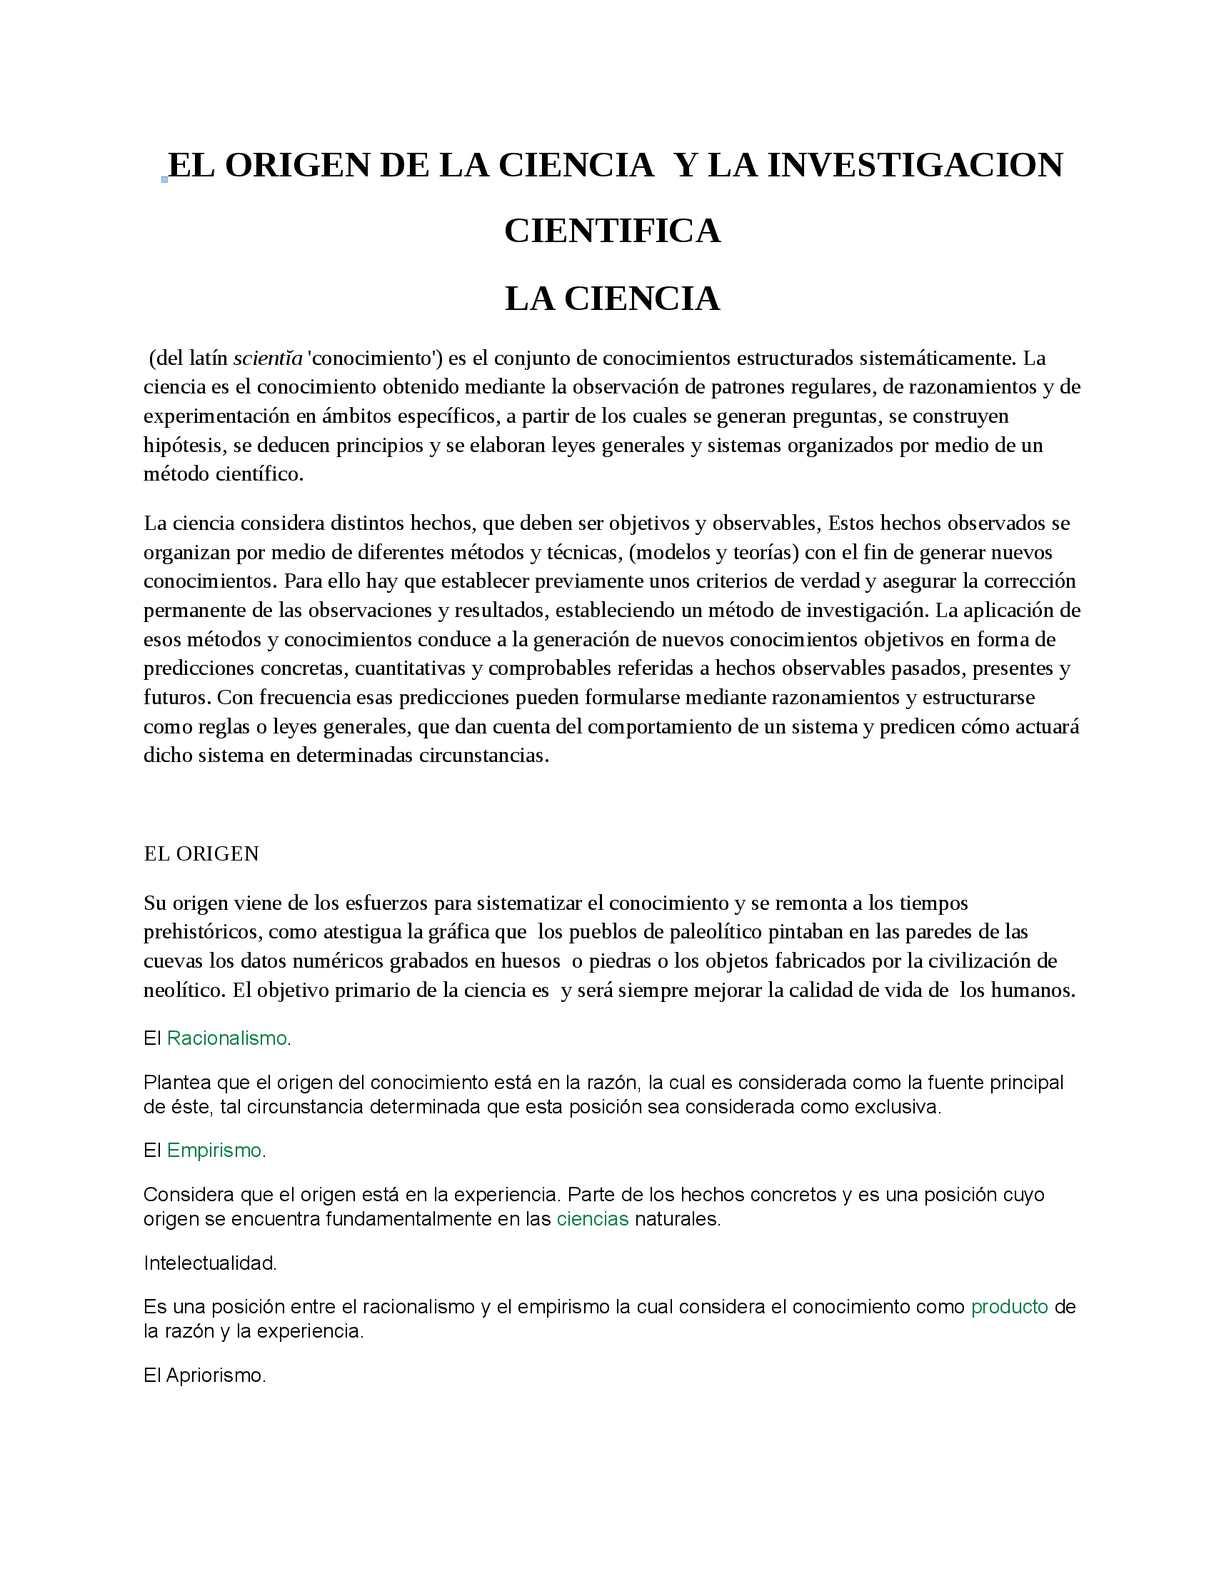 Calaméo - EL ORIGEN DE LA CIENCIA , INVESTIGACION CIENTIFICA Y SU ...